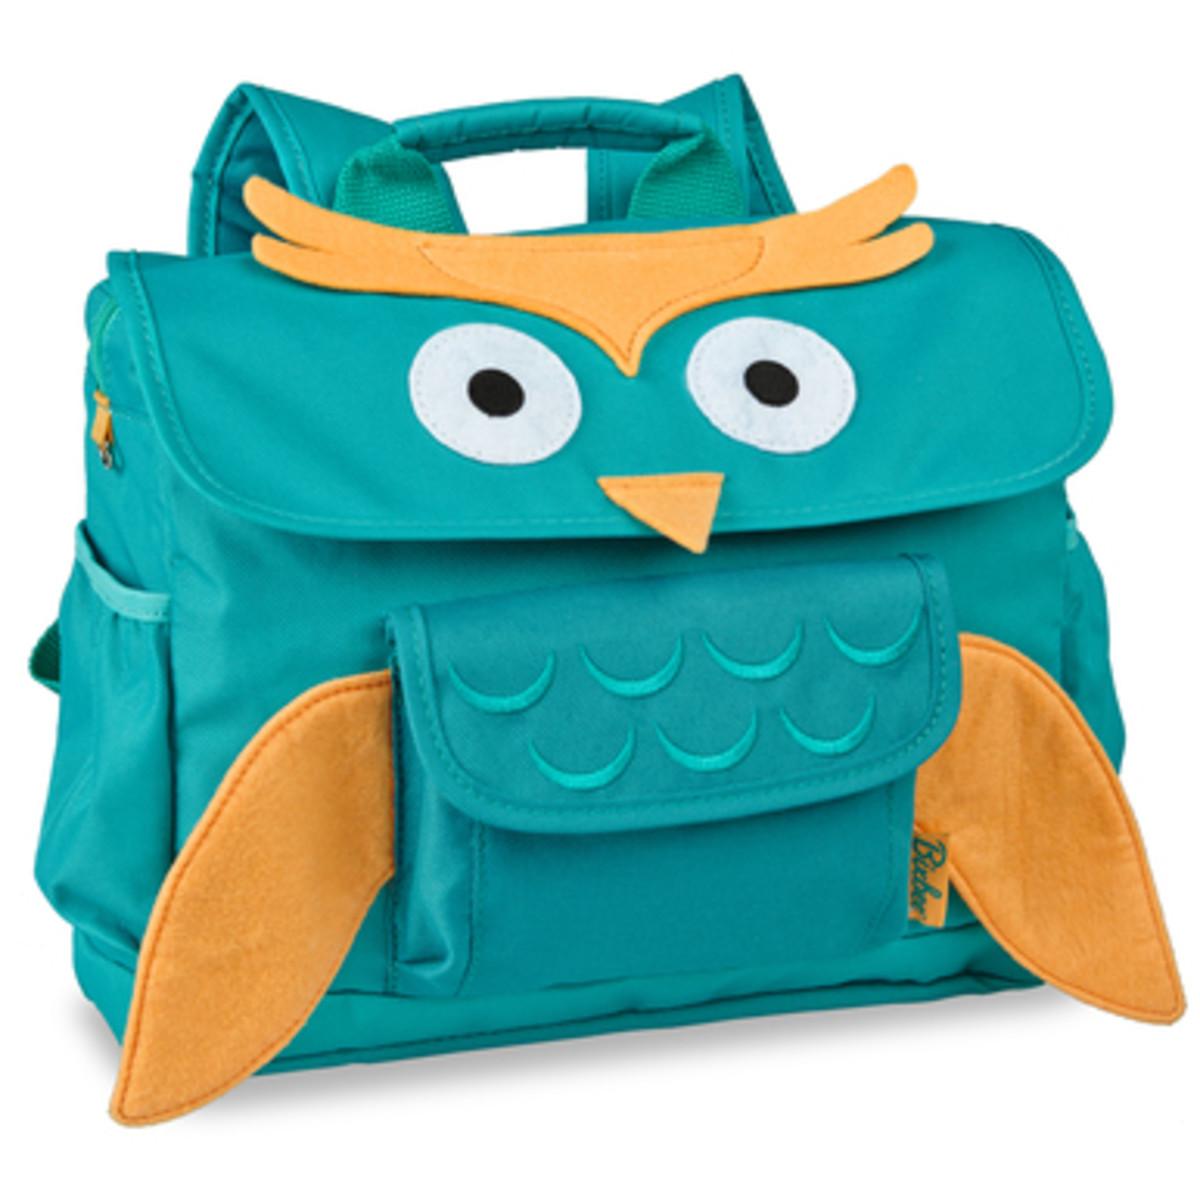 Bixbee Accessories for Kids